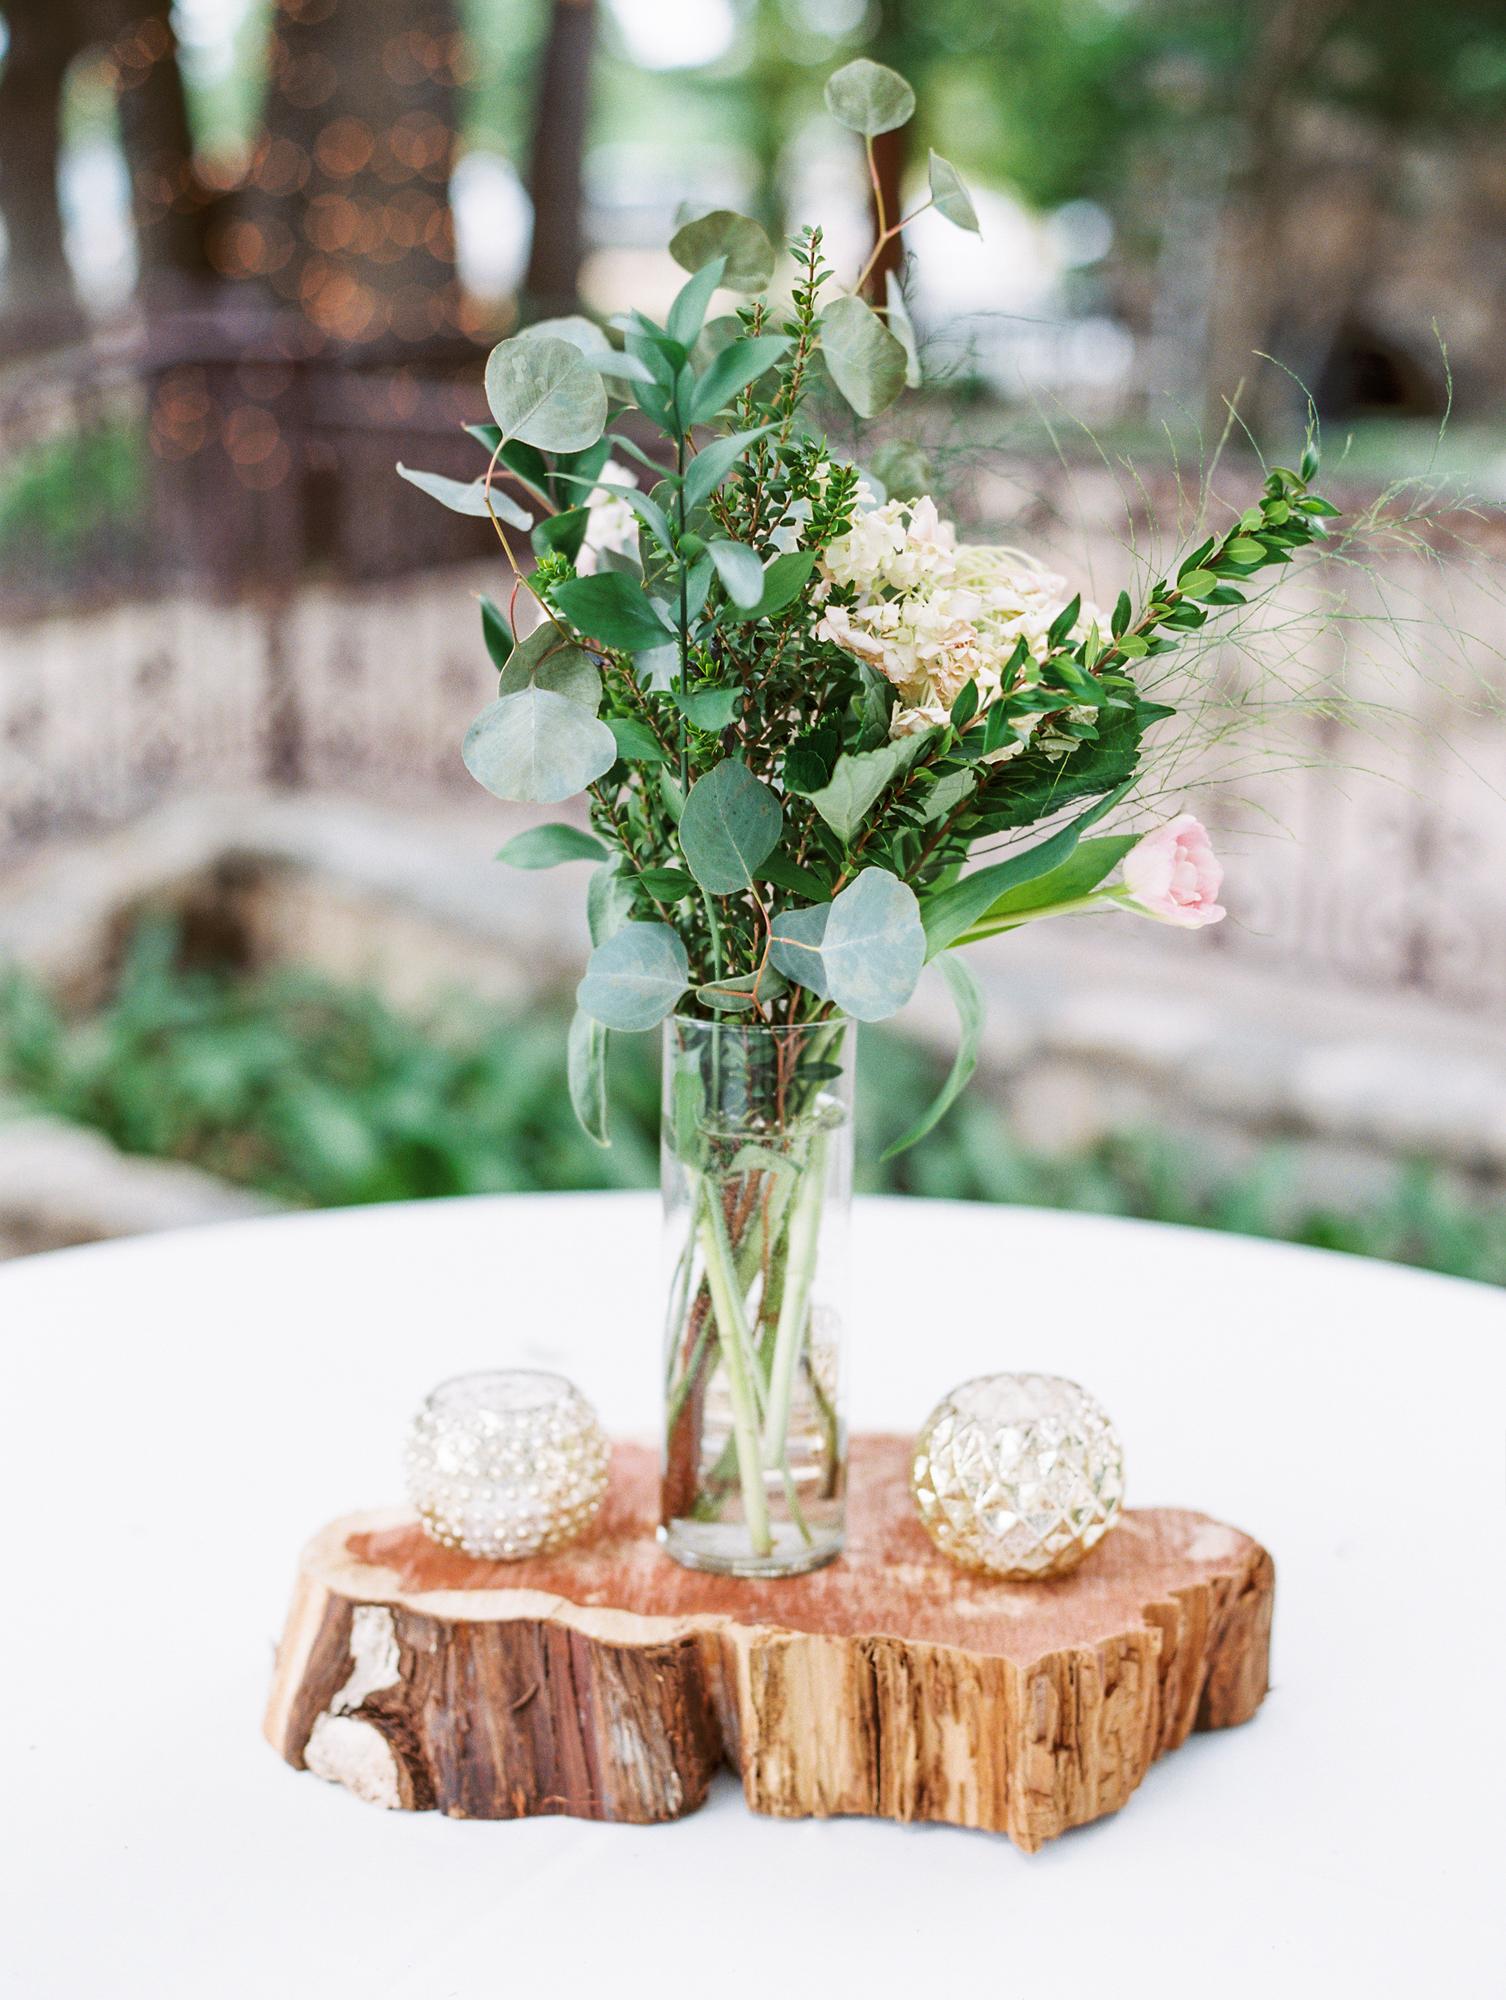 Elegant Spring Vineyard Wedding | Film Wedding Photographer | Austin Wedding Photographer | Elegant Rustic Wedding Decor | Britni Dean Photography // britnidean.com